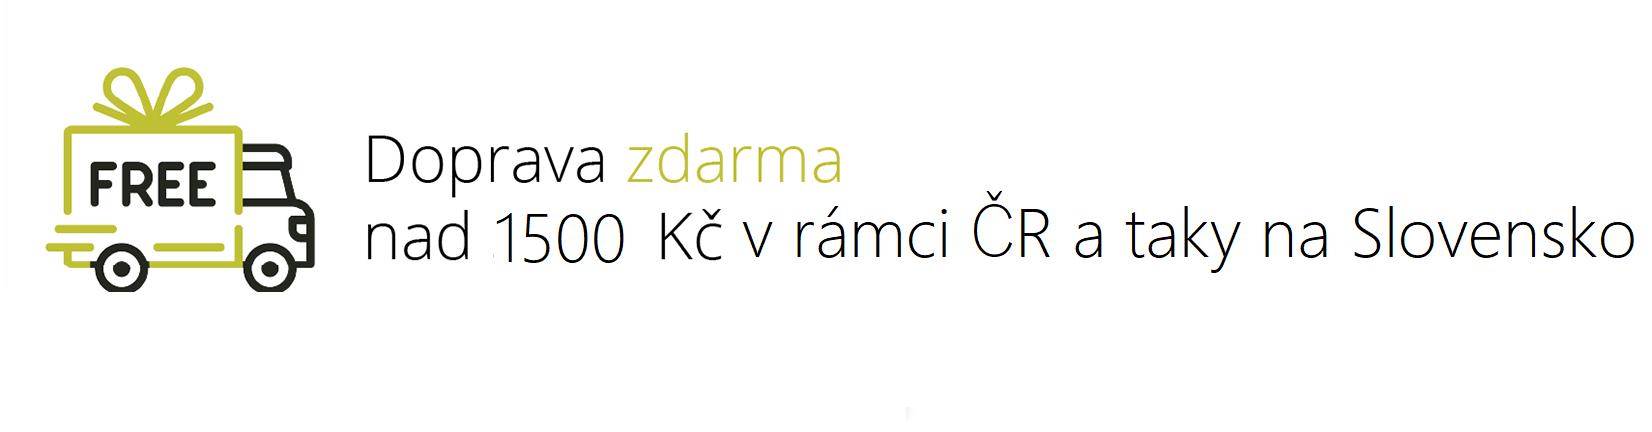 doprava-zdarma_2